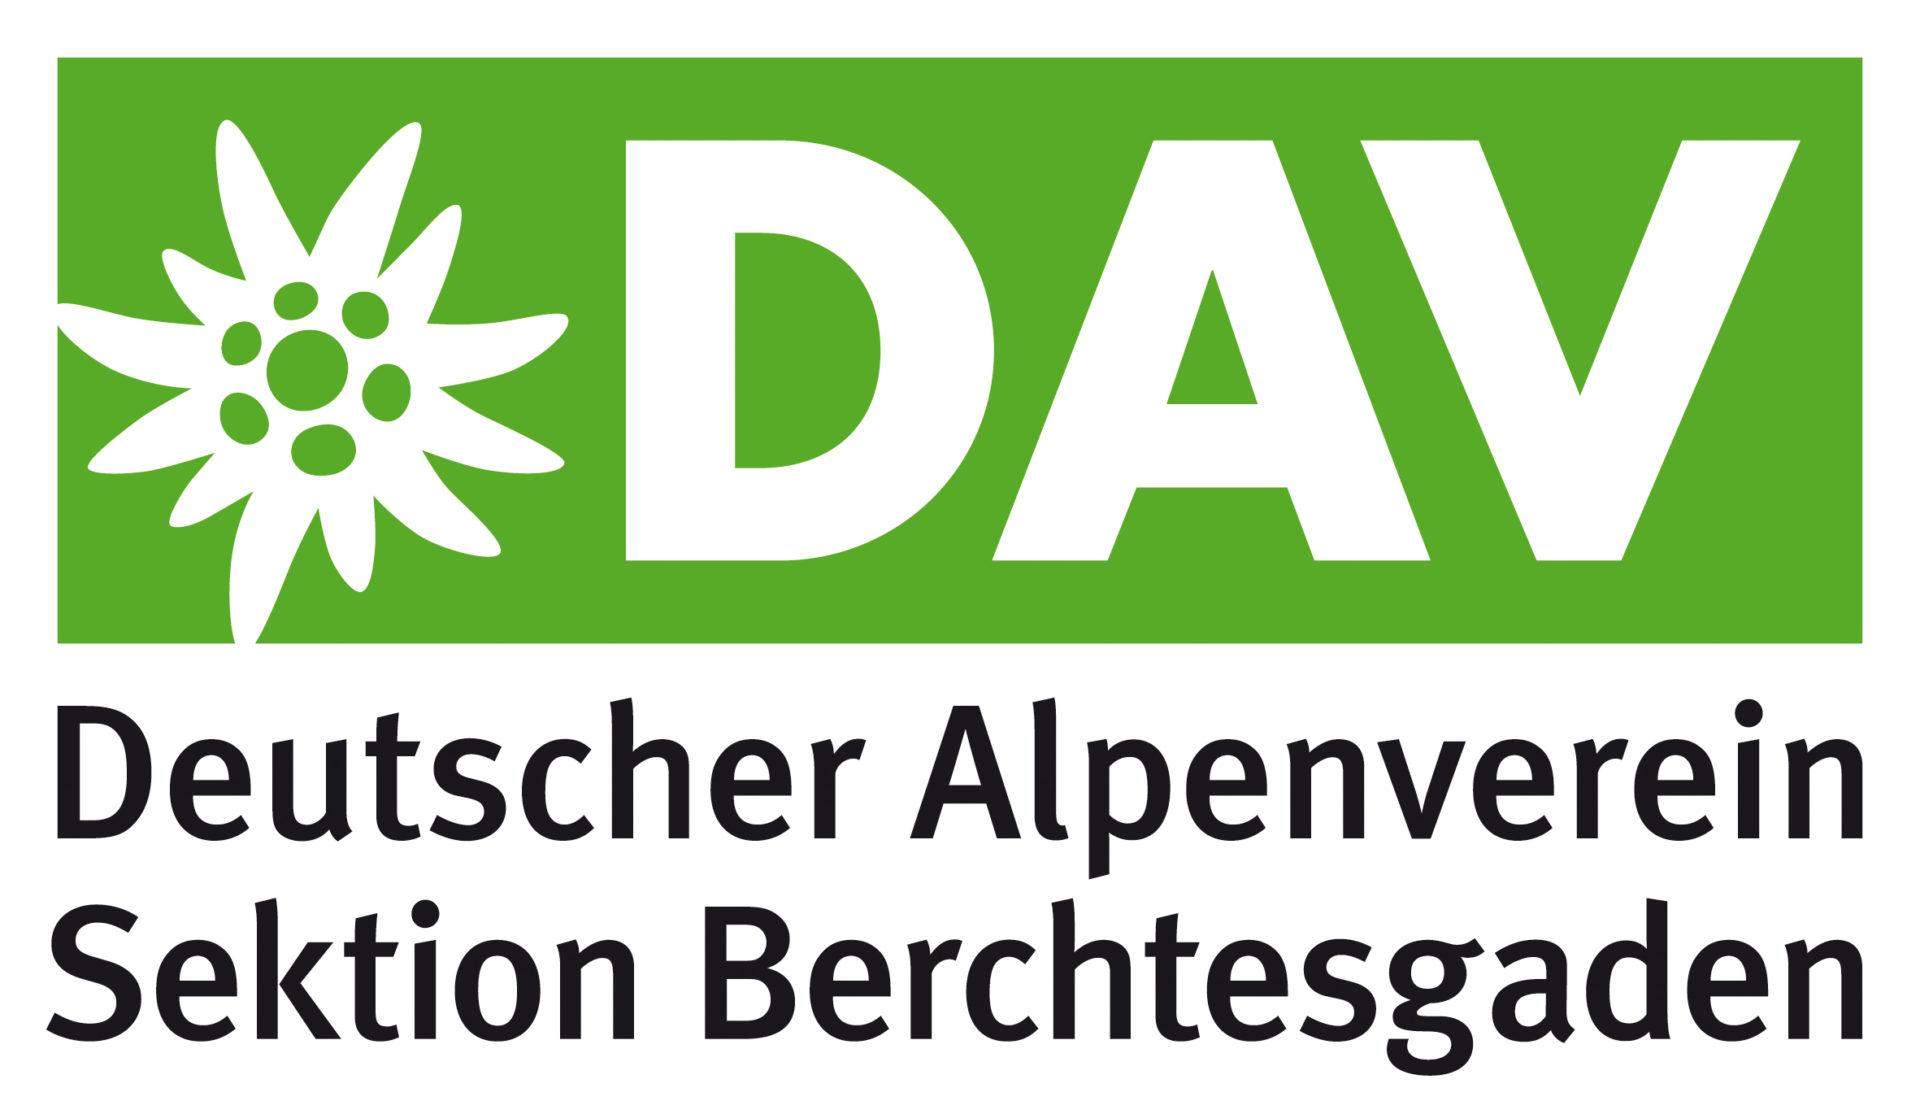 Müllsammeln des DAV Sektion Berchtesgaden in Bischofswiesen (Bayern)